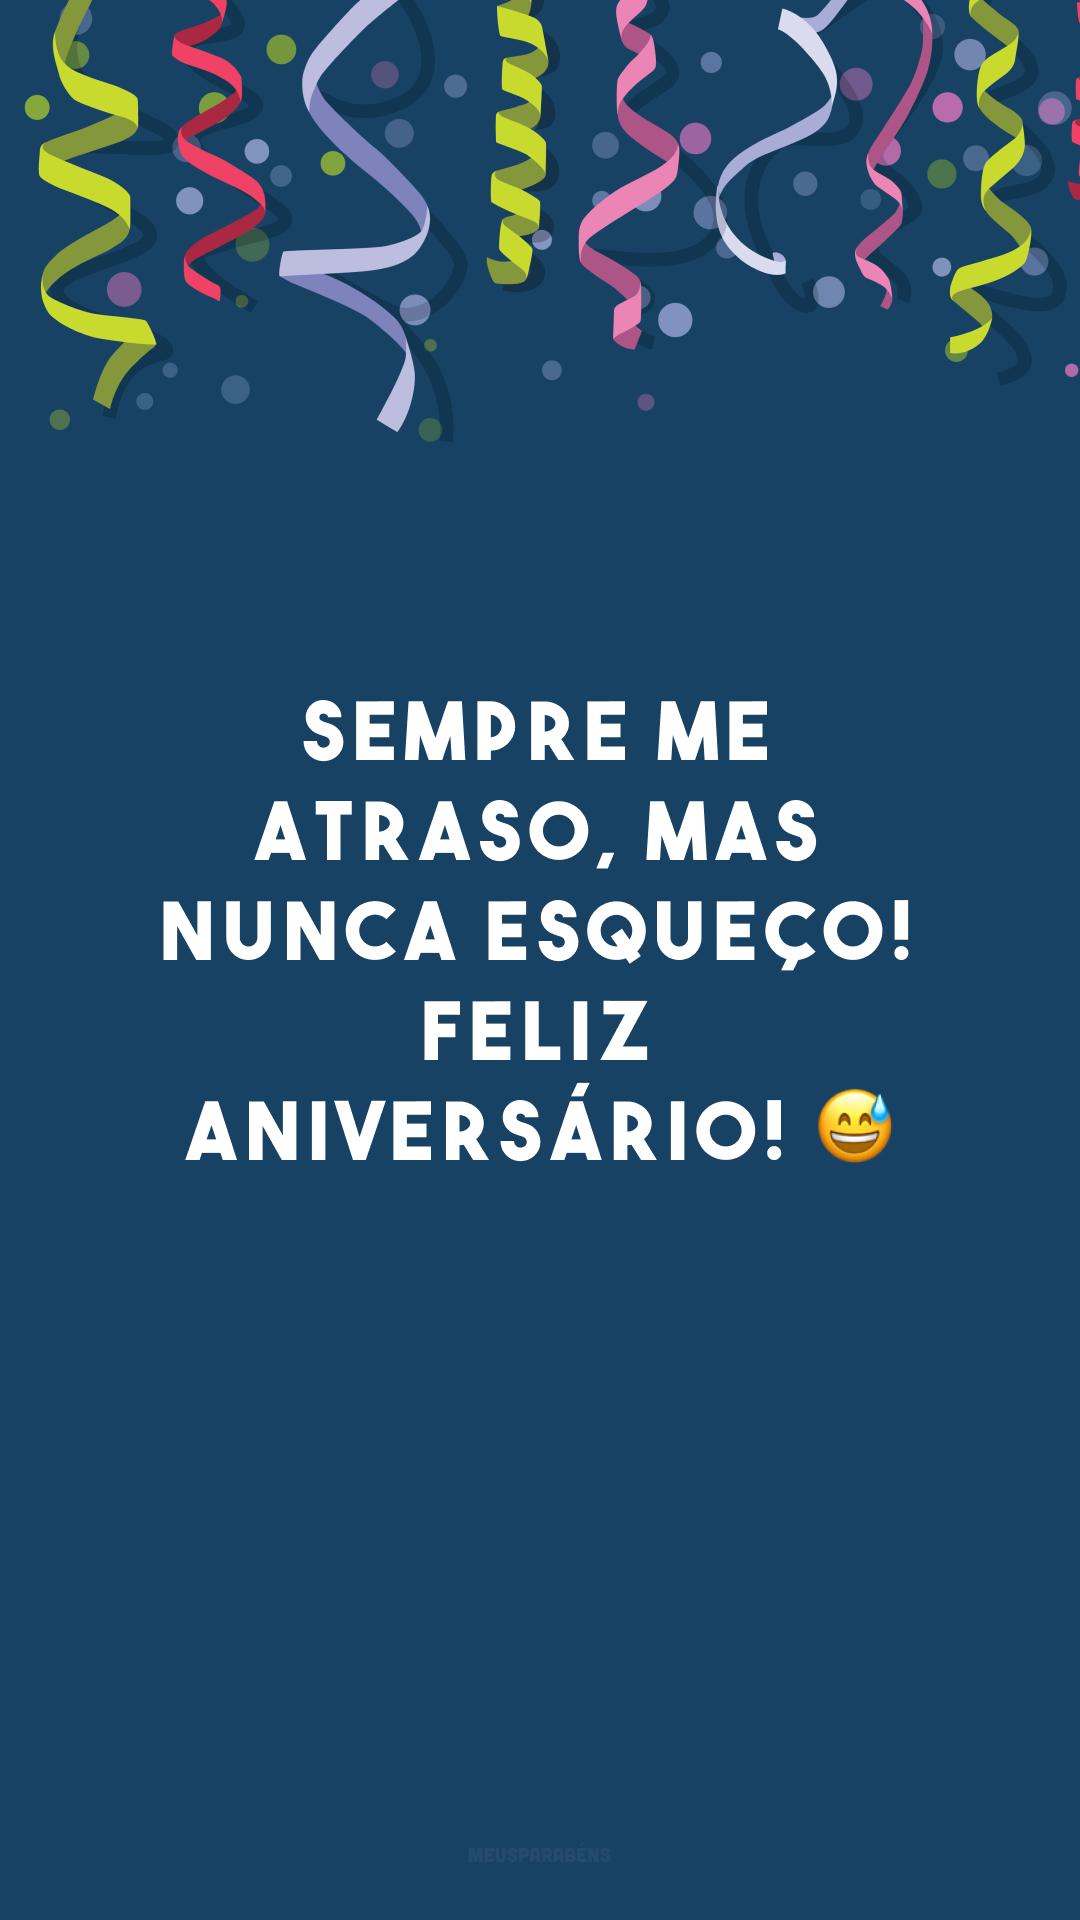 Sempre me atraso, mas nunca esqueço! Feliz aniversário! 😅